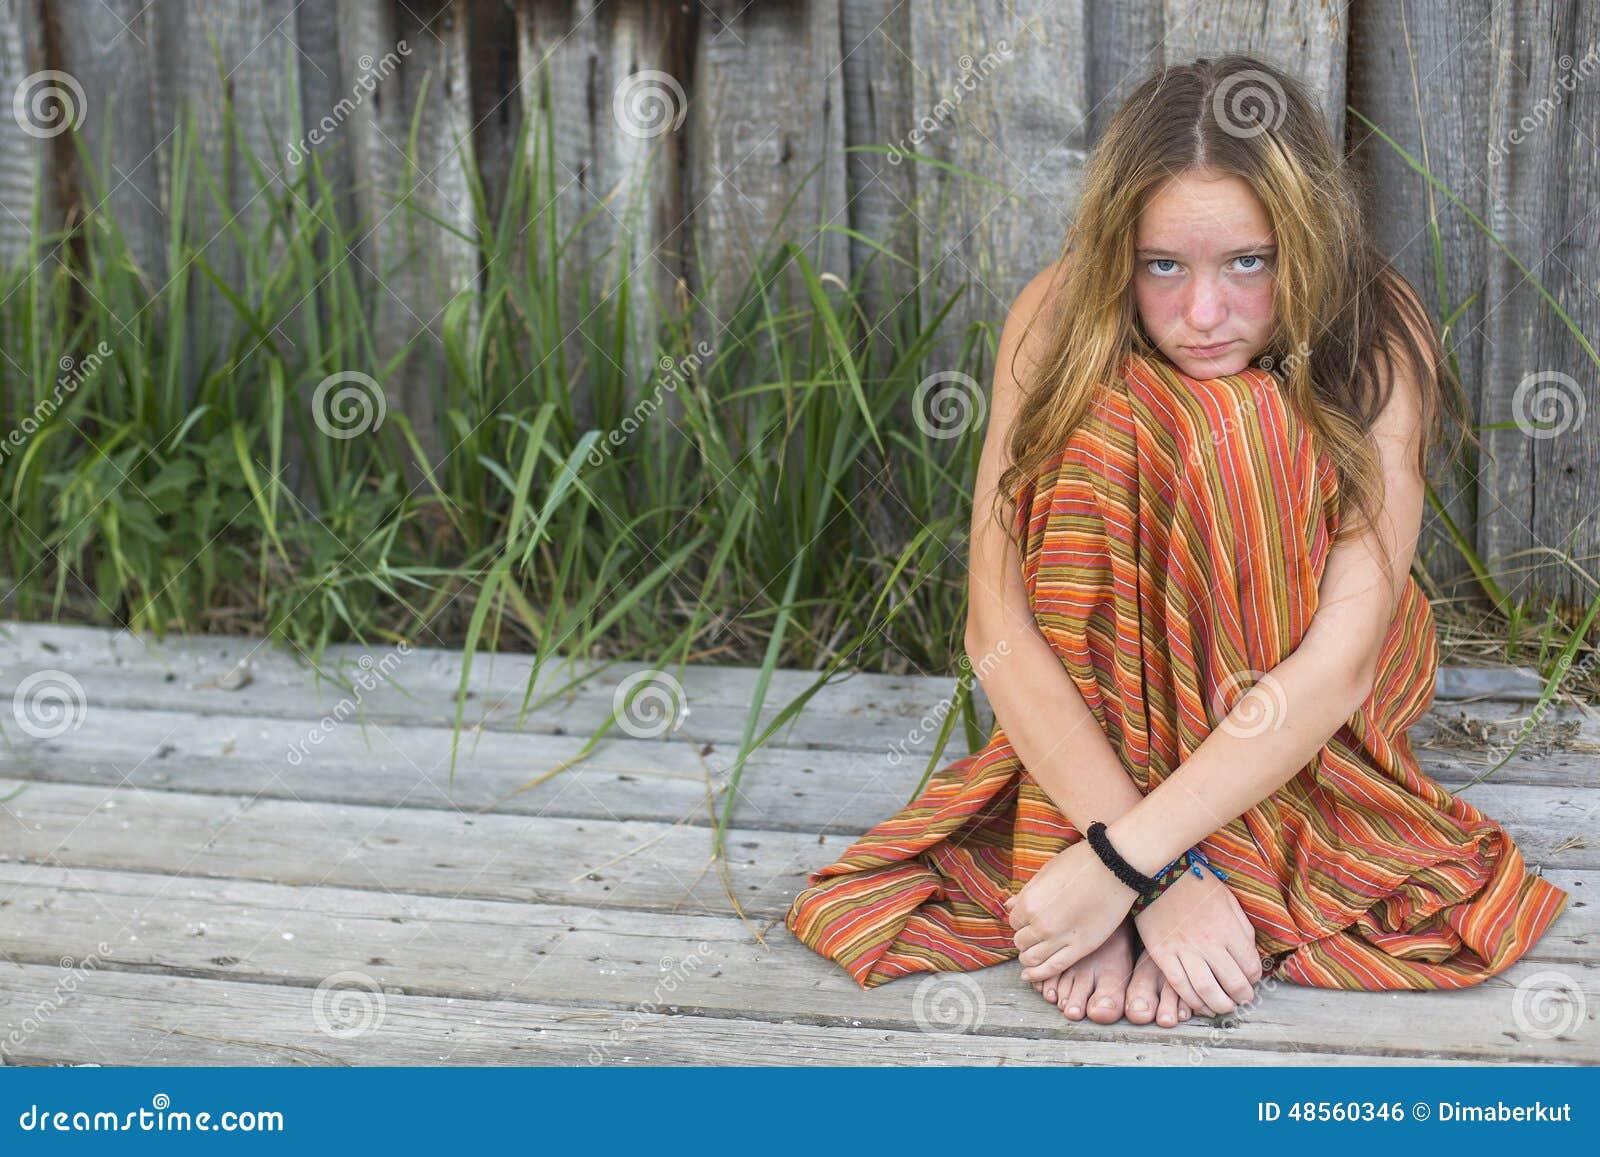 Фото девушек хиппи голых, Старые хиппи ебутся в переулке порно фото бесплатно 27 фотография